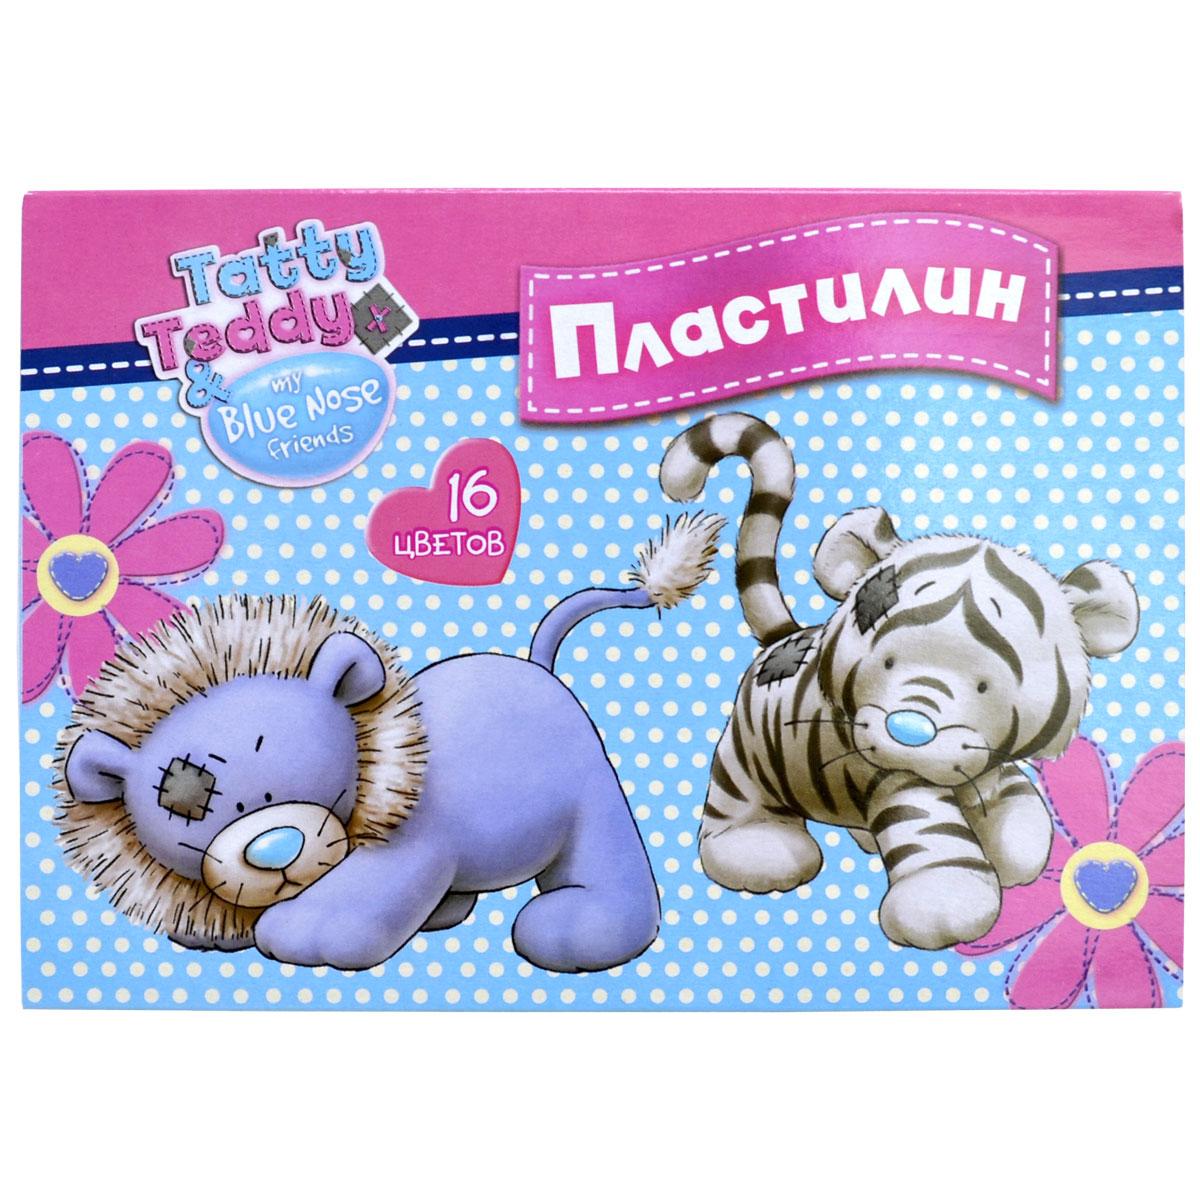 Action! Пластилин Tatty Teddy 16 цветов41767Набор пластилина Action! Tatty Teddy поможет вашему малышу создавать не только прекрасные поделки, но и рисунки. Пластилин обладает особой мягкостью и пластичностью: легко разминается и моделируется детскими пальчиками, не пачкается, не прилипает к рукам и рабочей поверхности, не крошится, не высыхает и хорошо держит форму.Смешивайте цвета, экспериментируйте и развивайте малютку: лепка активно тренирует у ребенка мелкую моторику и умение работать пальчиками, развивает тактильное восприятие формы, веса и фактуры, совершенствует воображение и пространственное мышление.